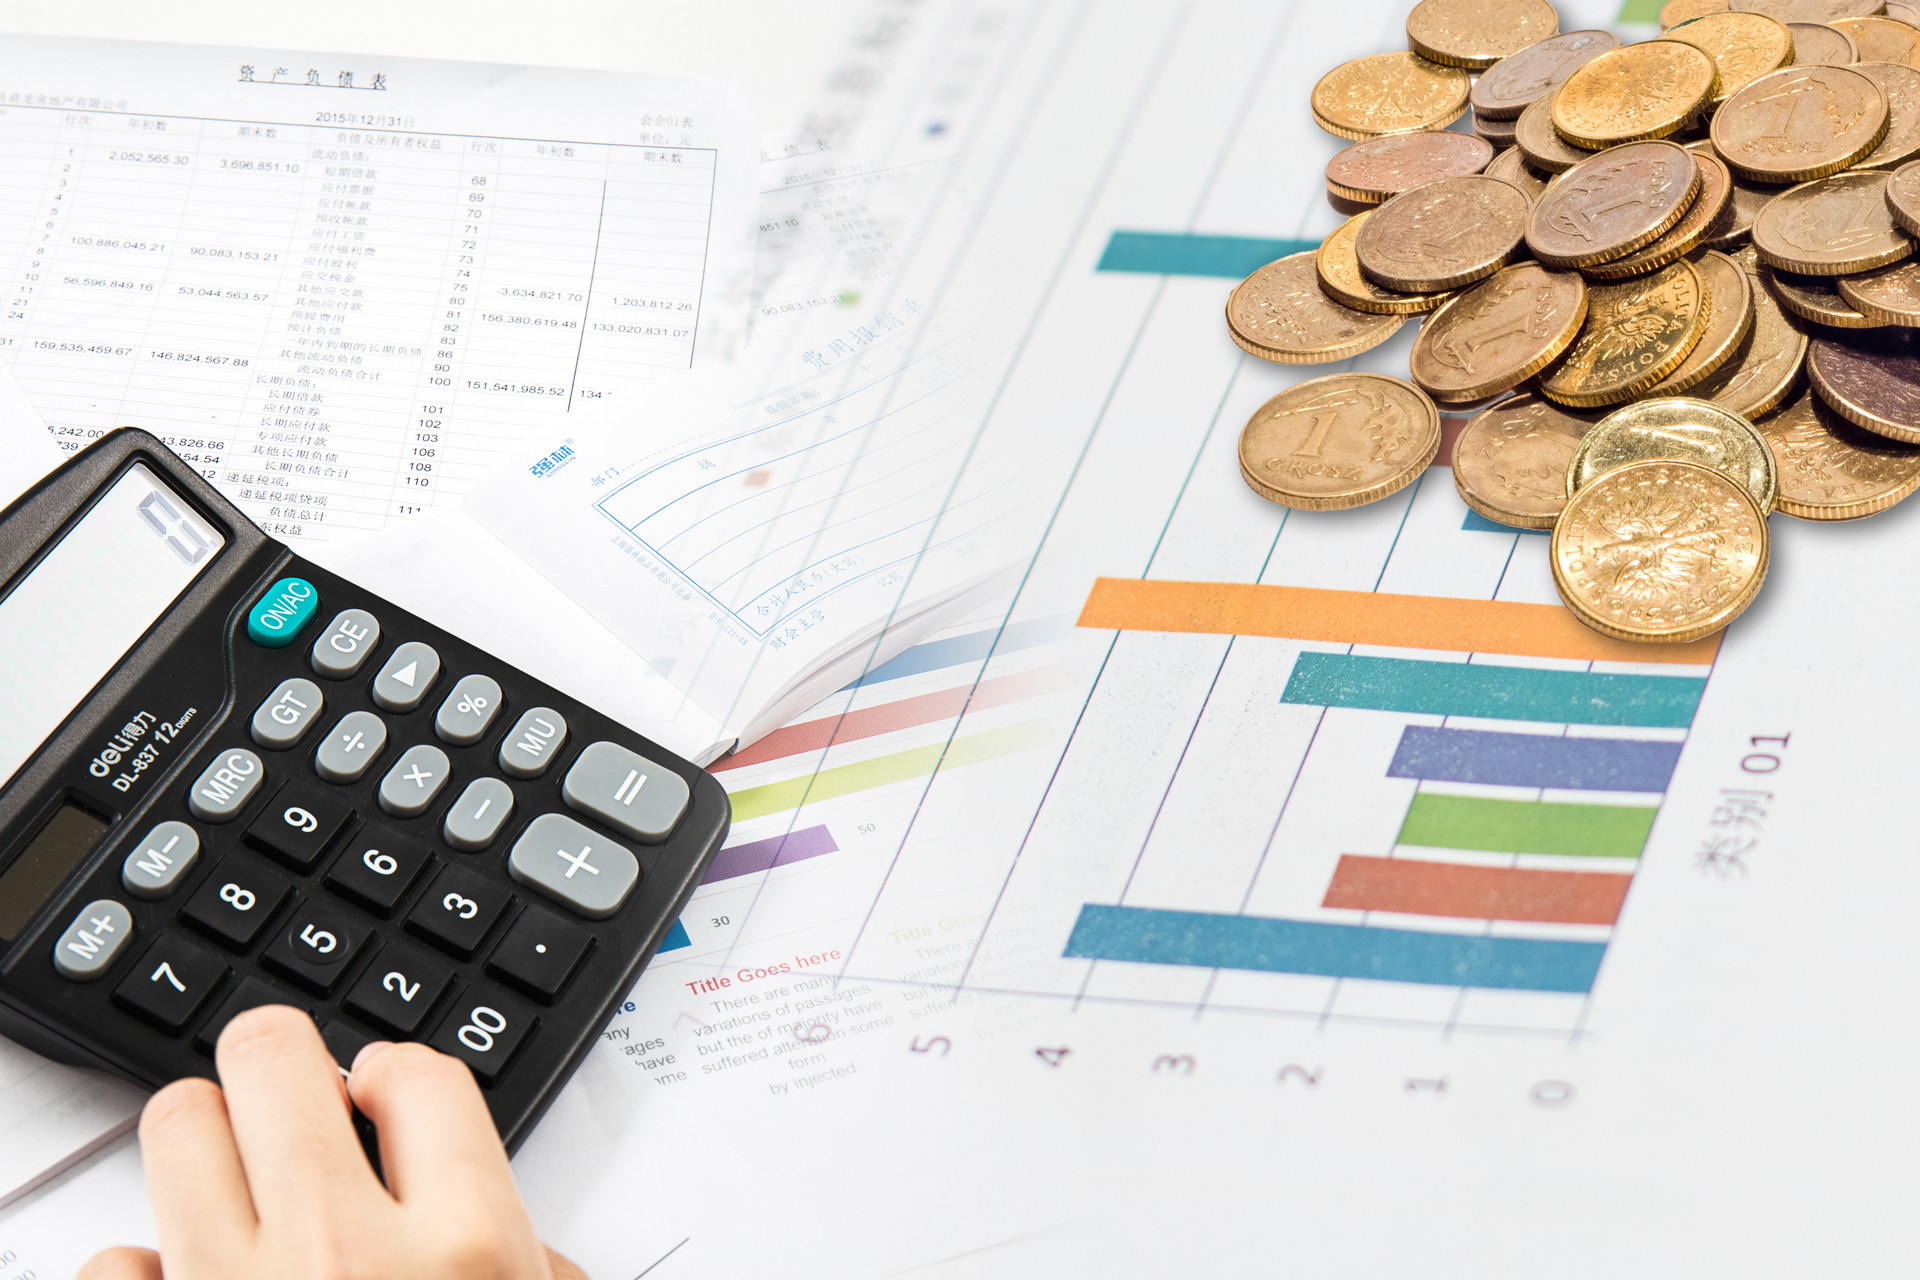 微信工资条和传统的工资条相比有哪些好处?